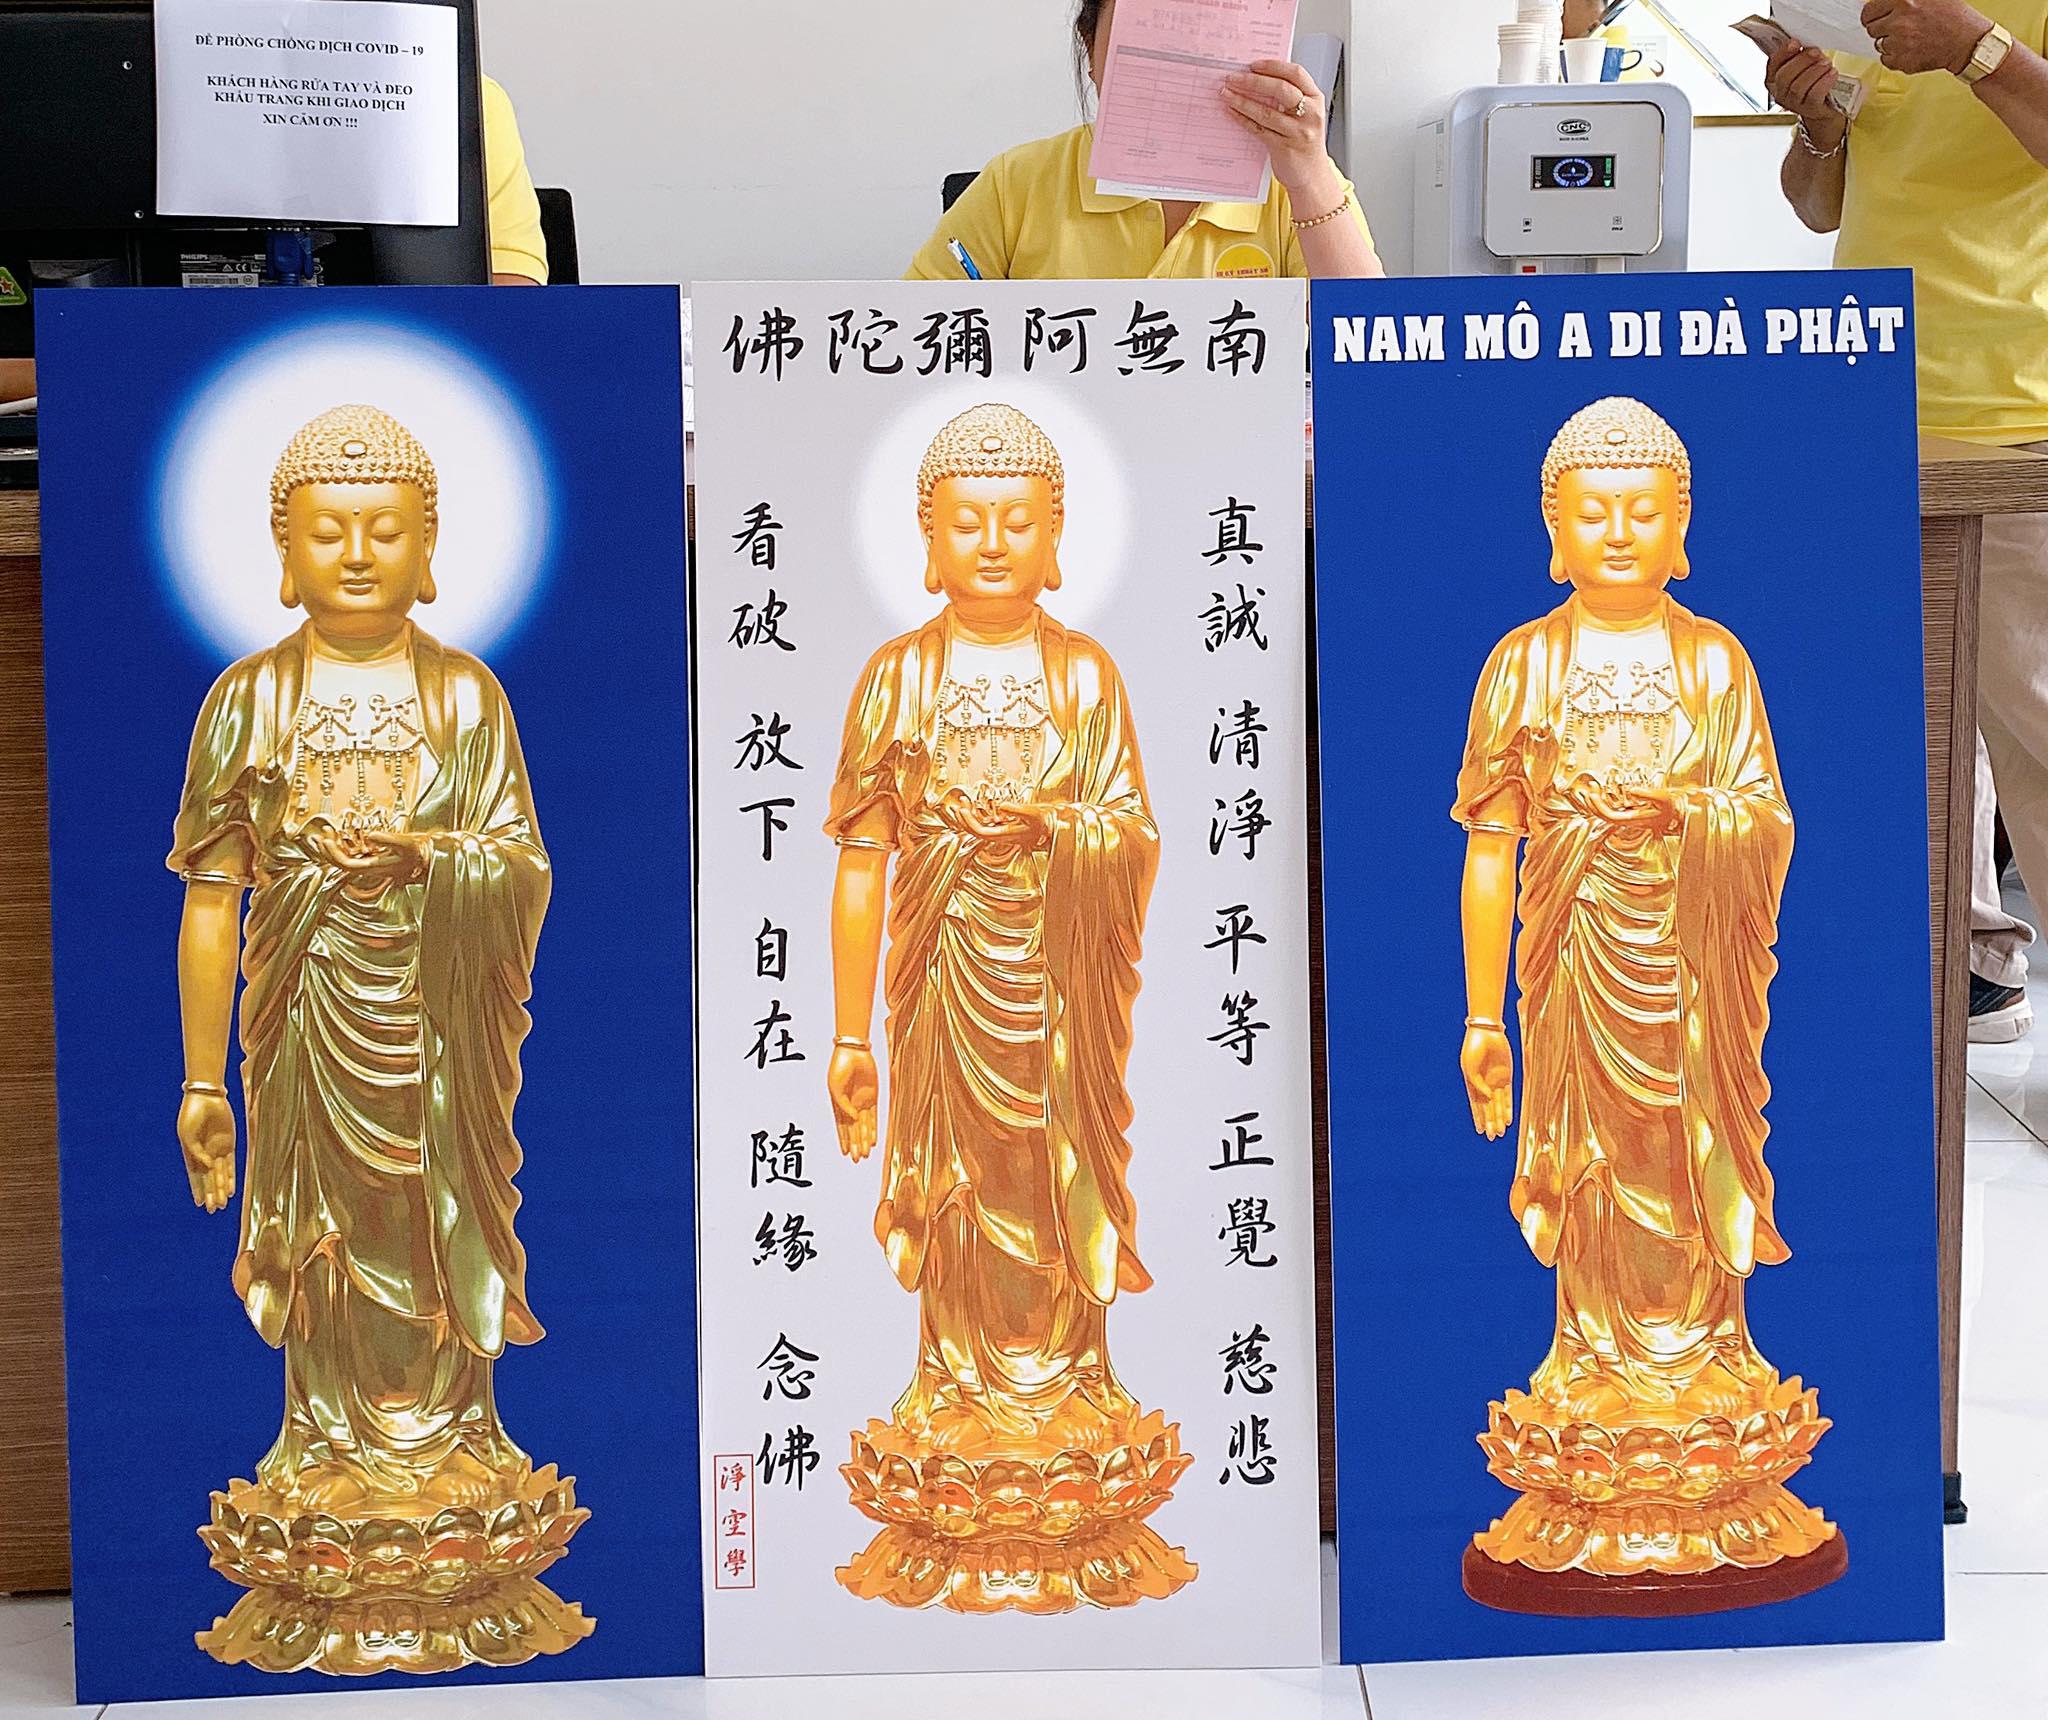 Hình ảnh in tranh Nam Mô A Di Đà Phật 1